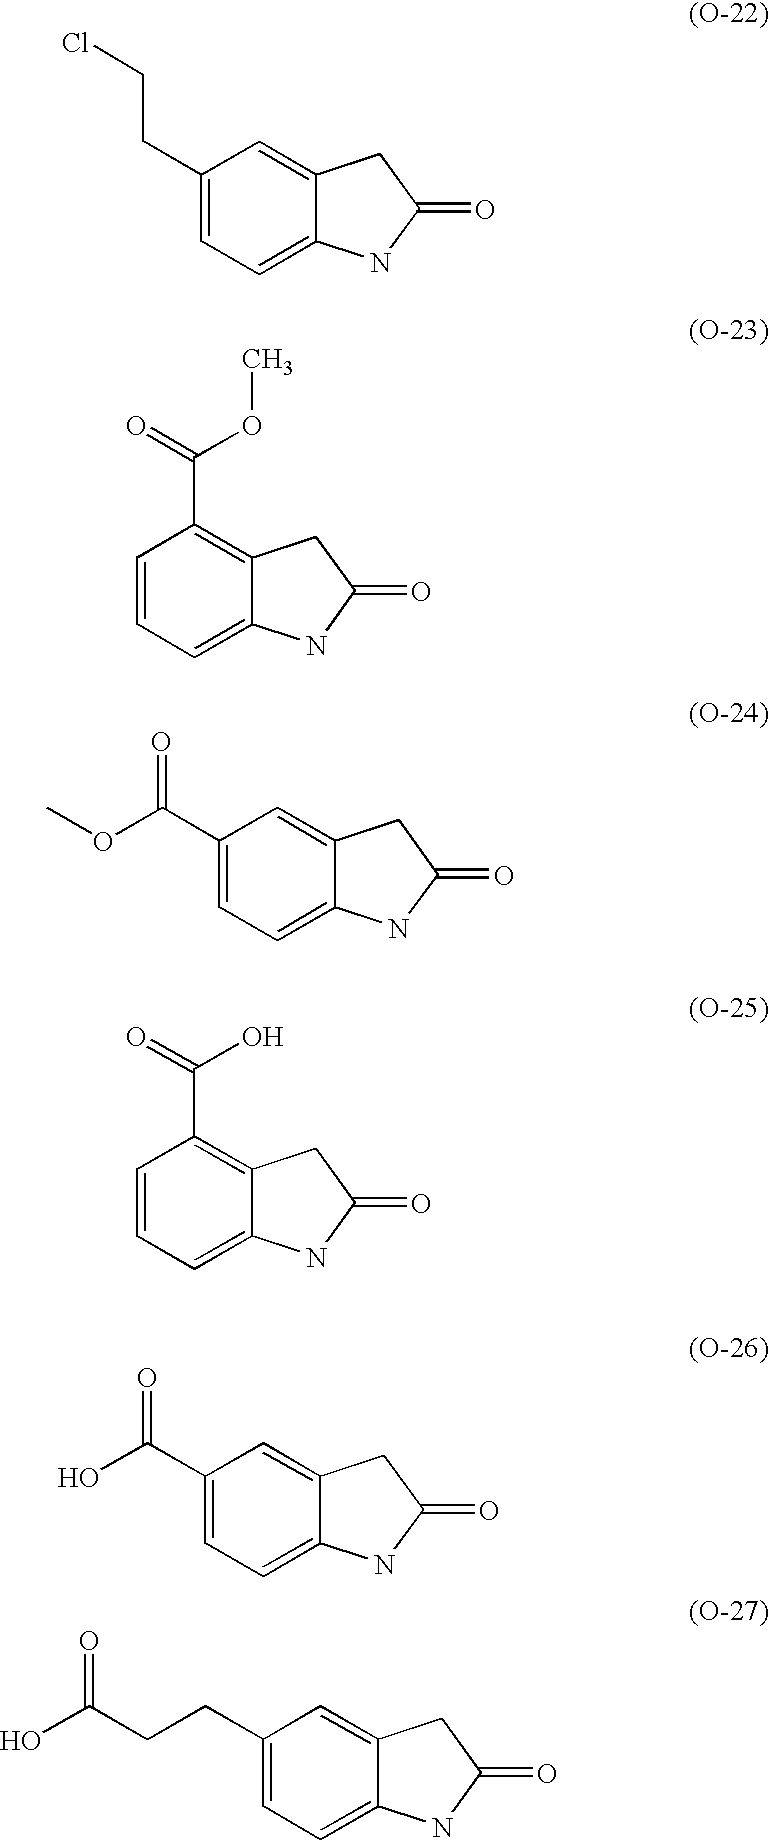 Figure US20030203901A1-20031030-C00007